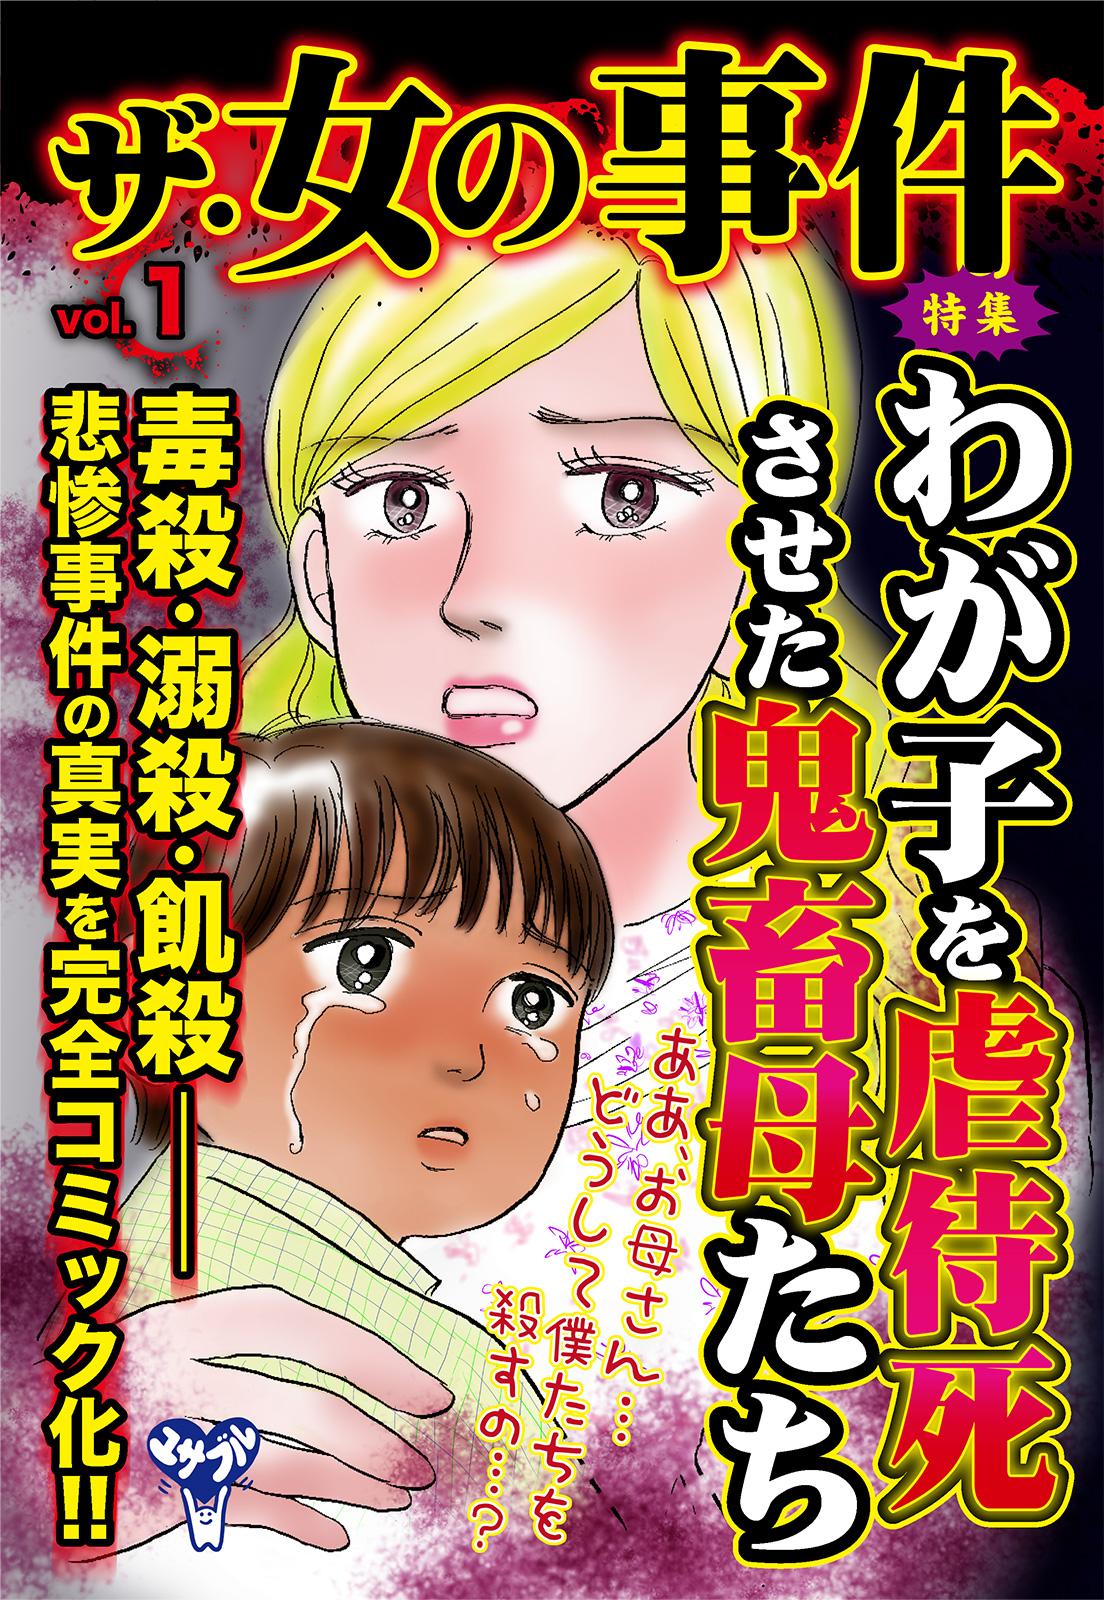 ザ・女の事件Vol.1(残虐!!切り裂き血まみれ狂女)